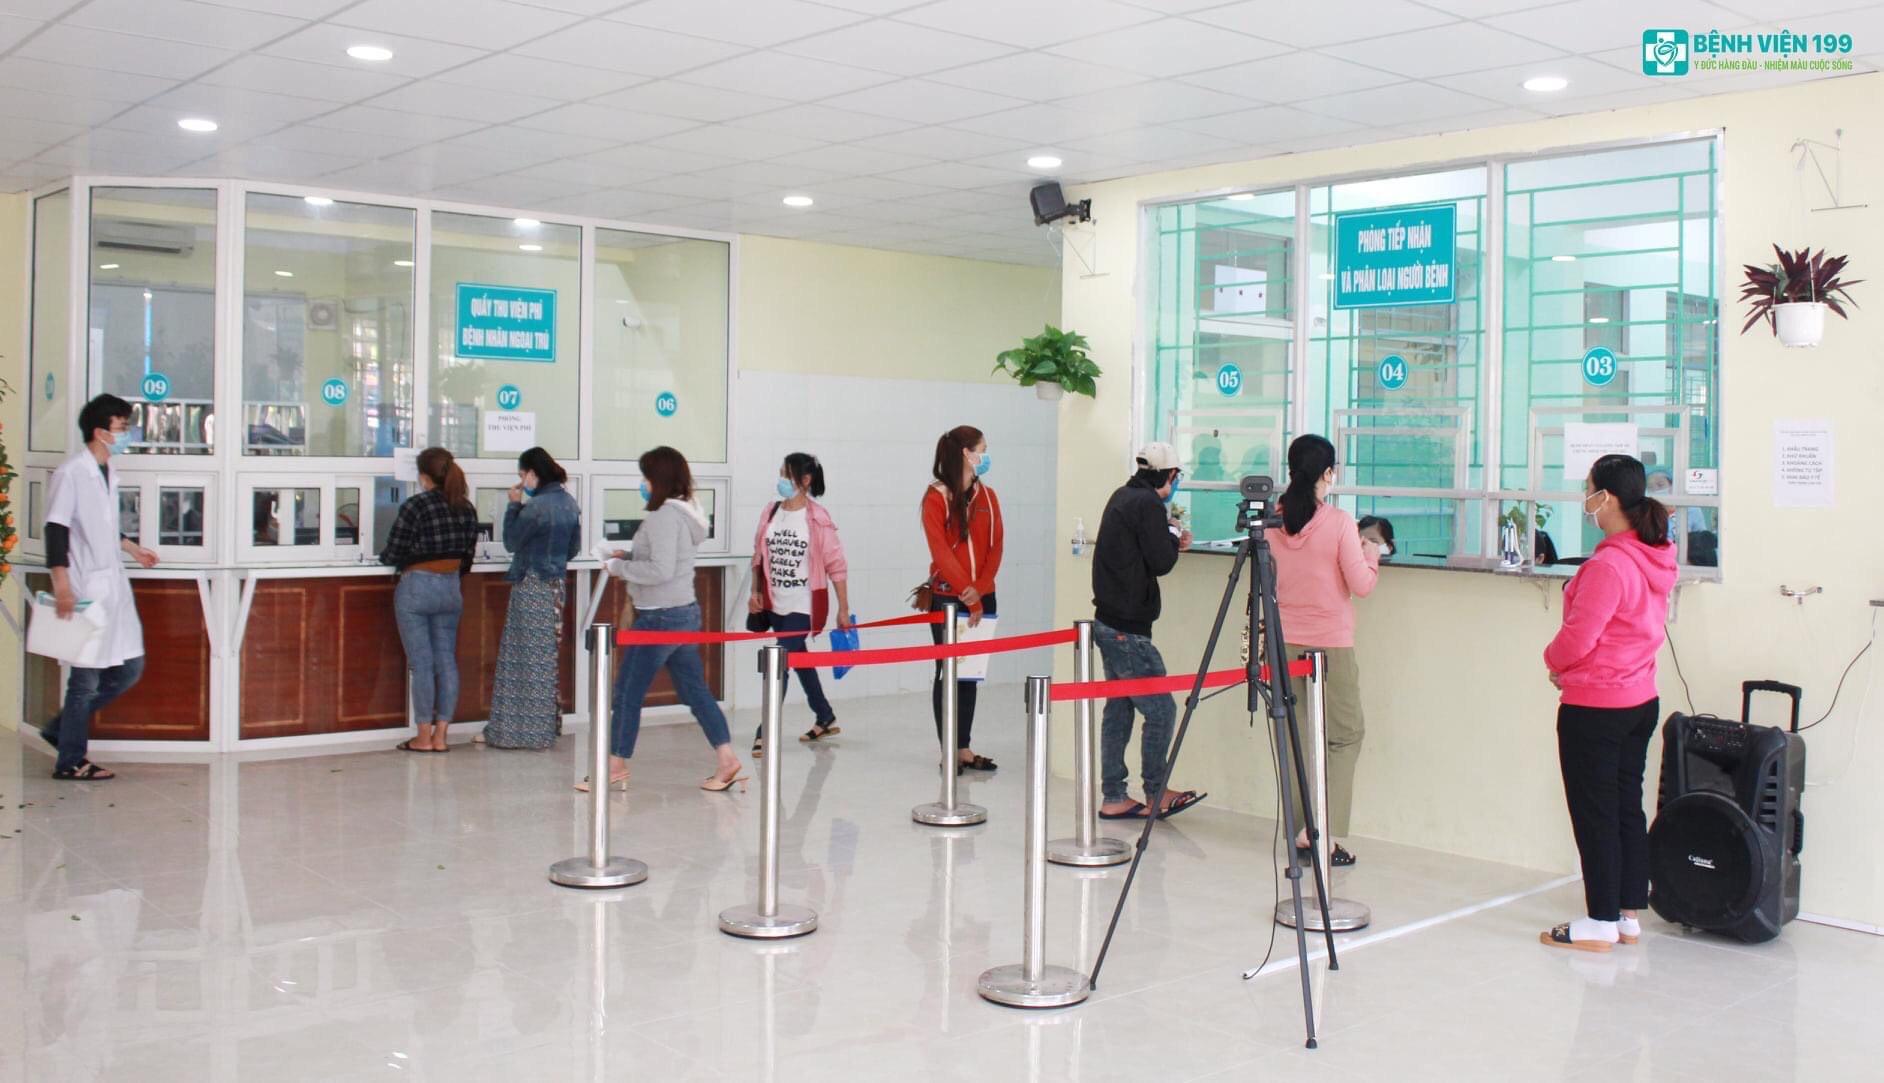 Vì sao nên đi khám sức khỏe tại Bệnh viện 199 Đà Nẵng?